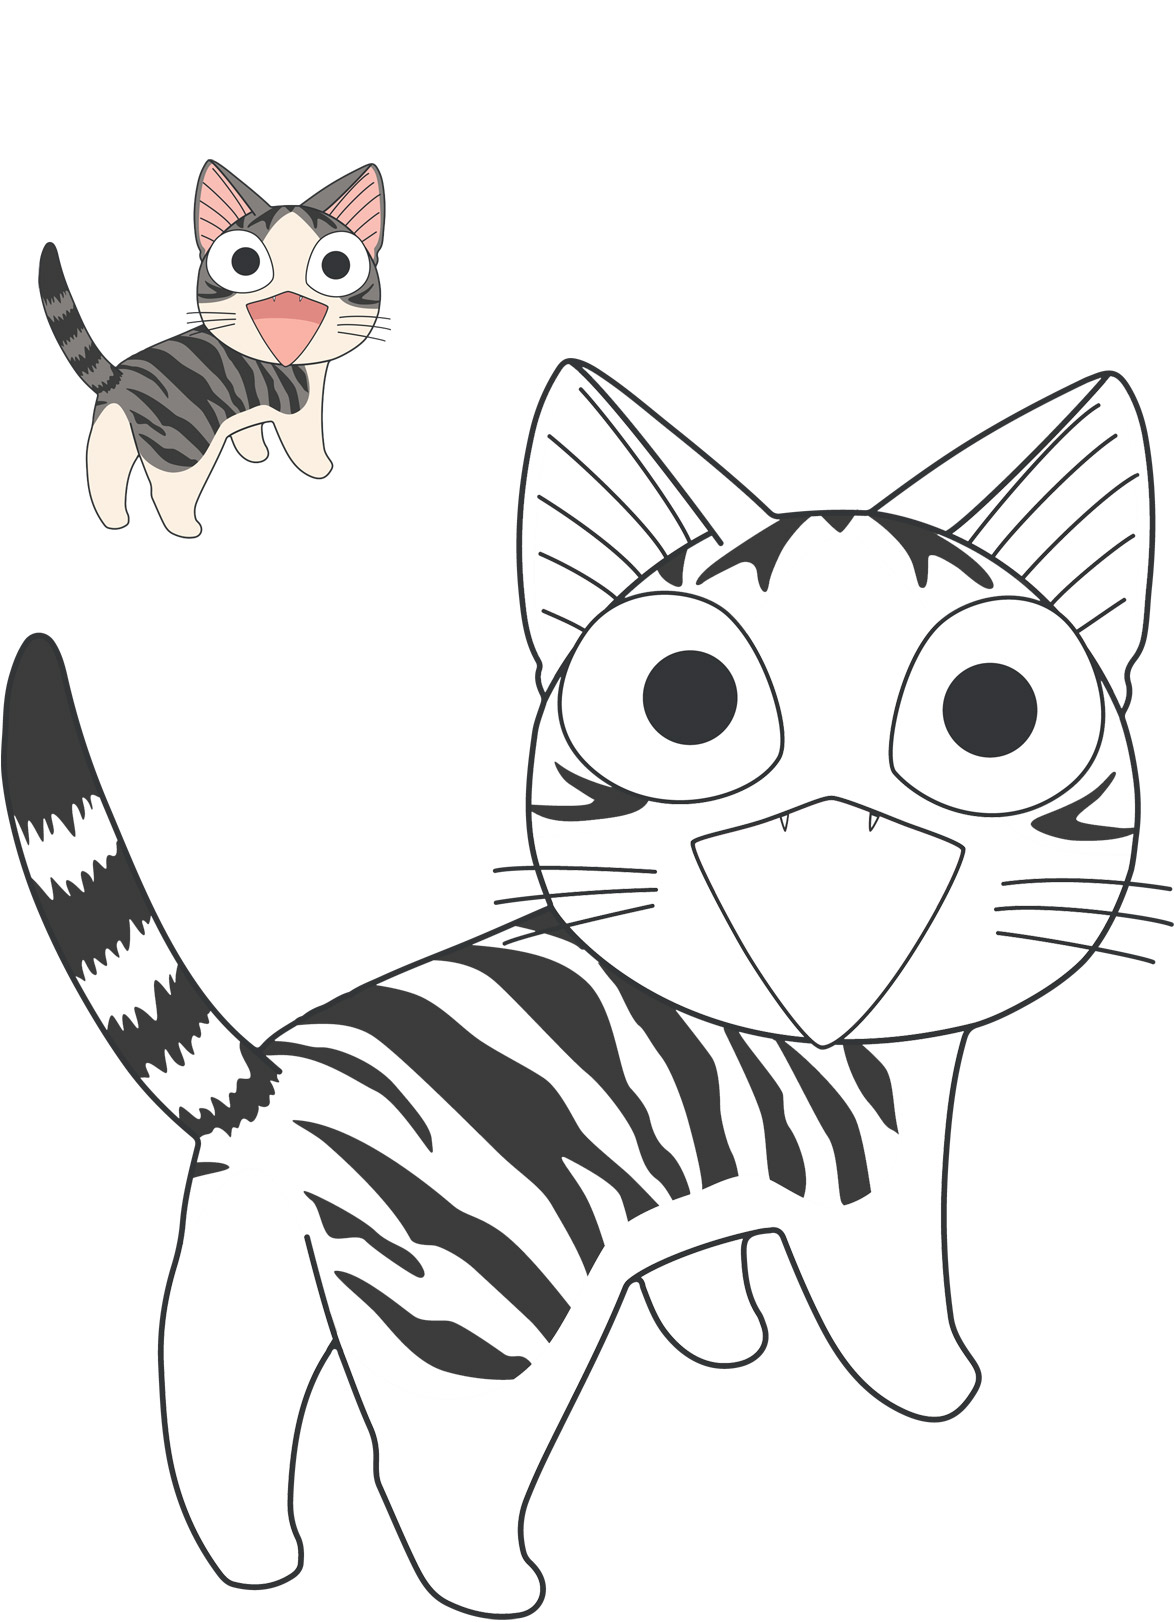 Chi, une vie de chat - OUFtivi